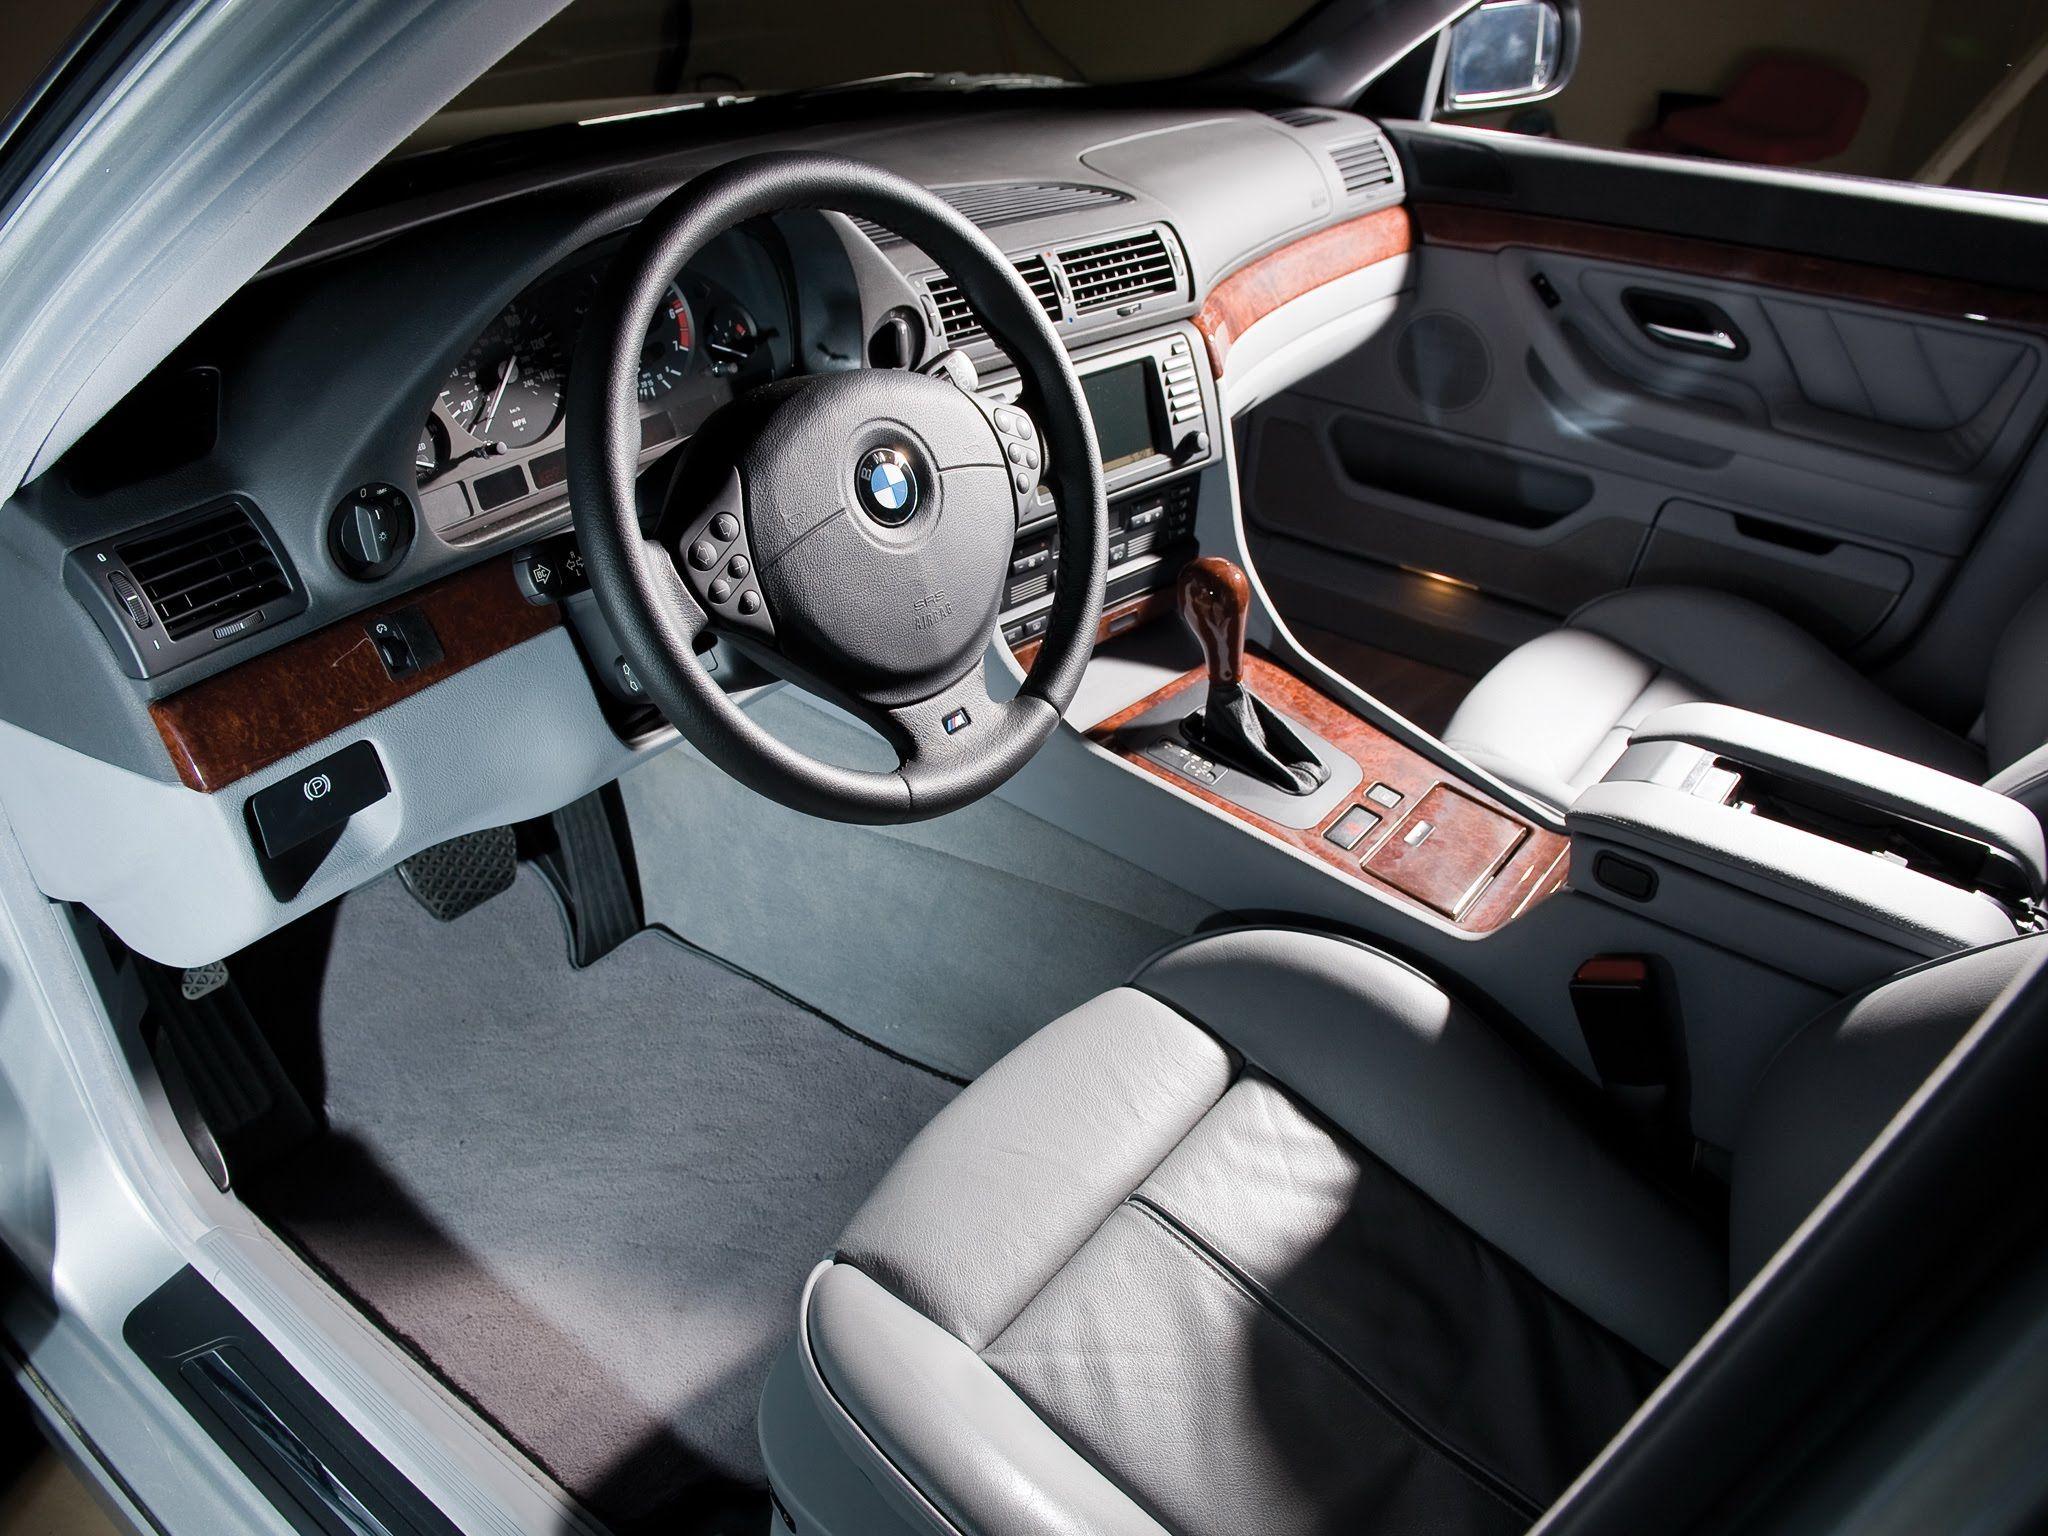 BMW E I Touring Interior Design YouTube E Touring - 2002 bmw 530i engine